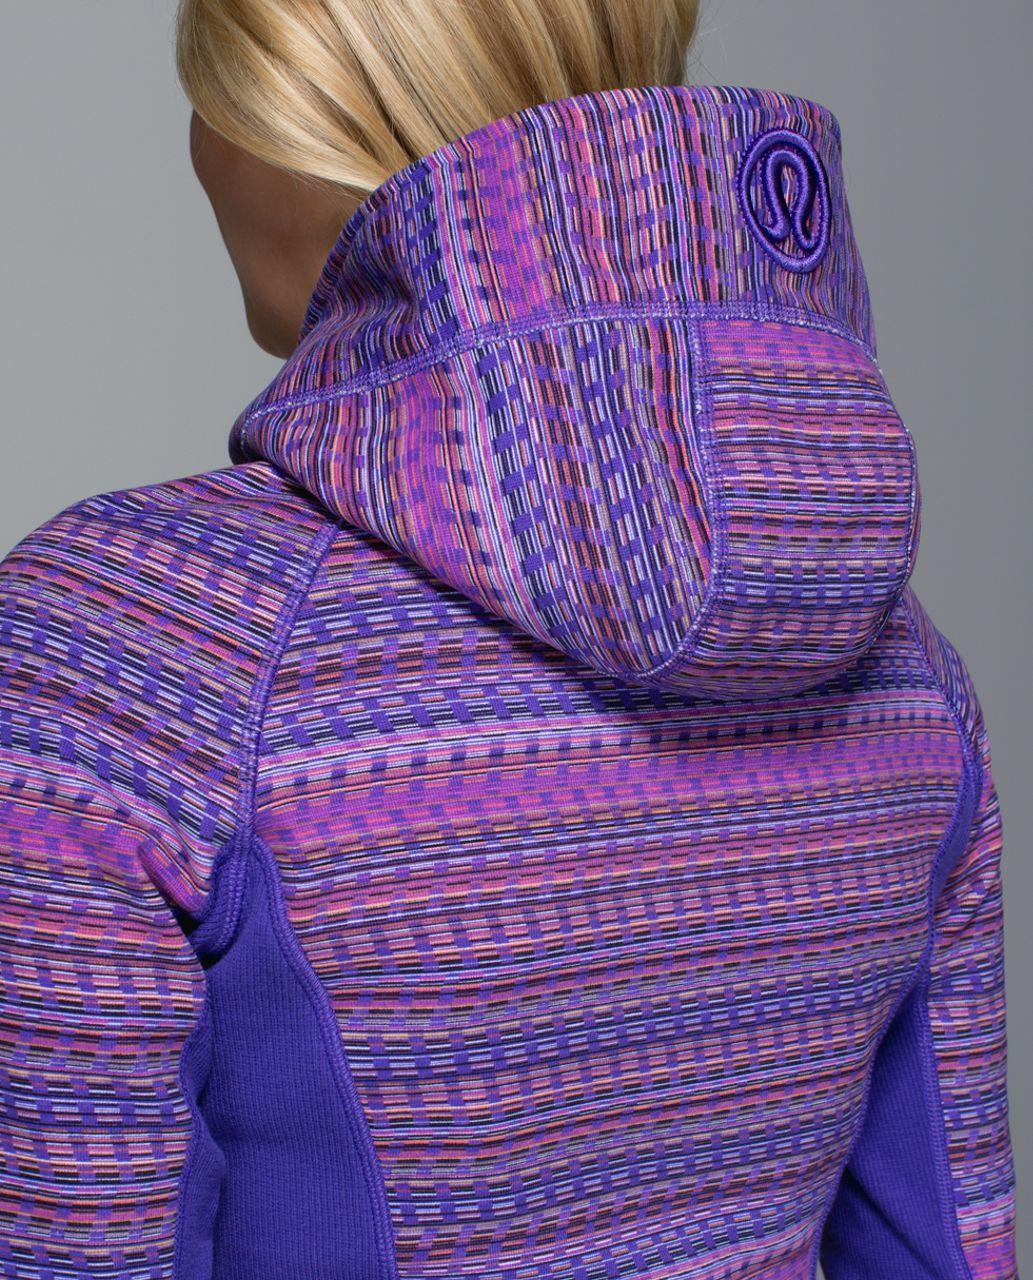 Lululemon Scuba Hoodie II - Space Dye Twist Printed Iris Flower Grapefruit / Iris Flower / Iris Flower